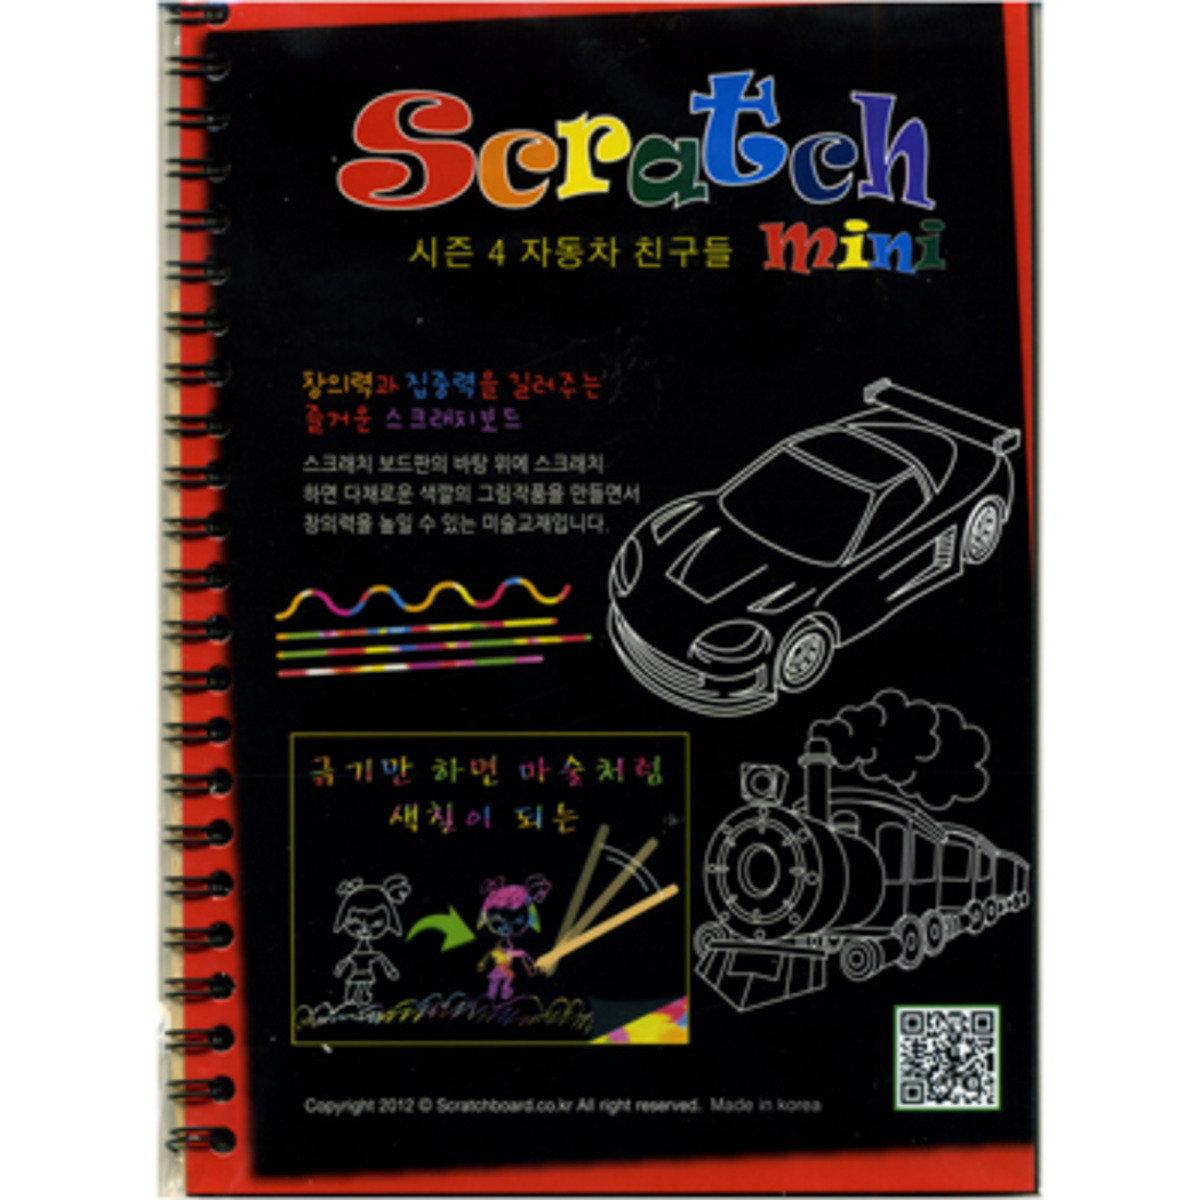 SCRATCH MINI - VEHICLES 8809379160085